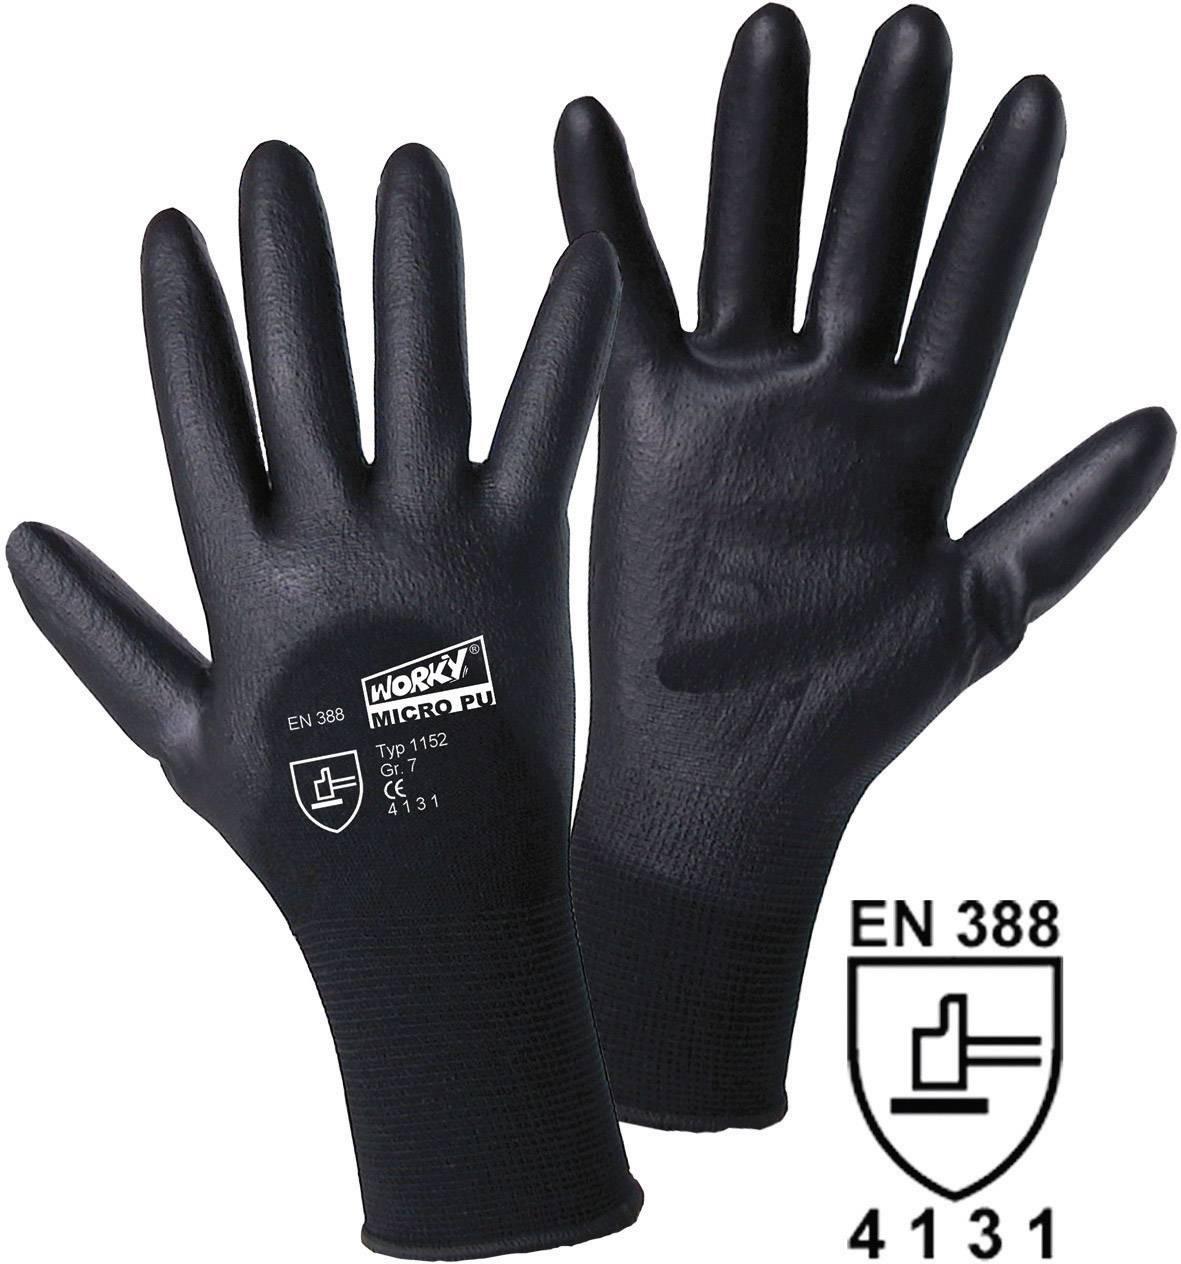 Pracovné rukavice L+D worky MICRO black2 1152, velikost rukavic: 11, XXL